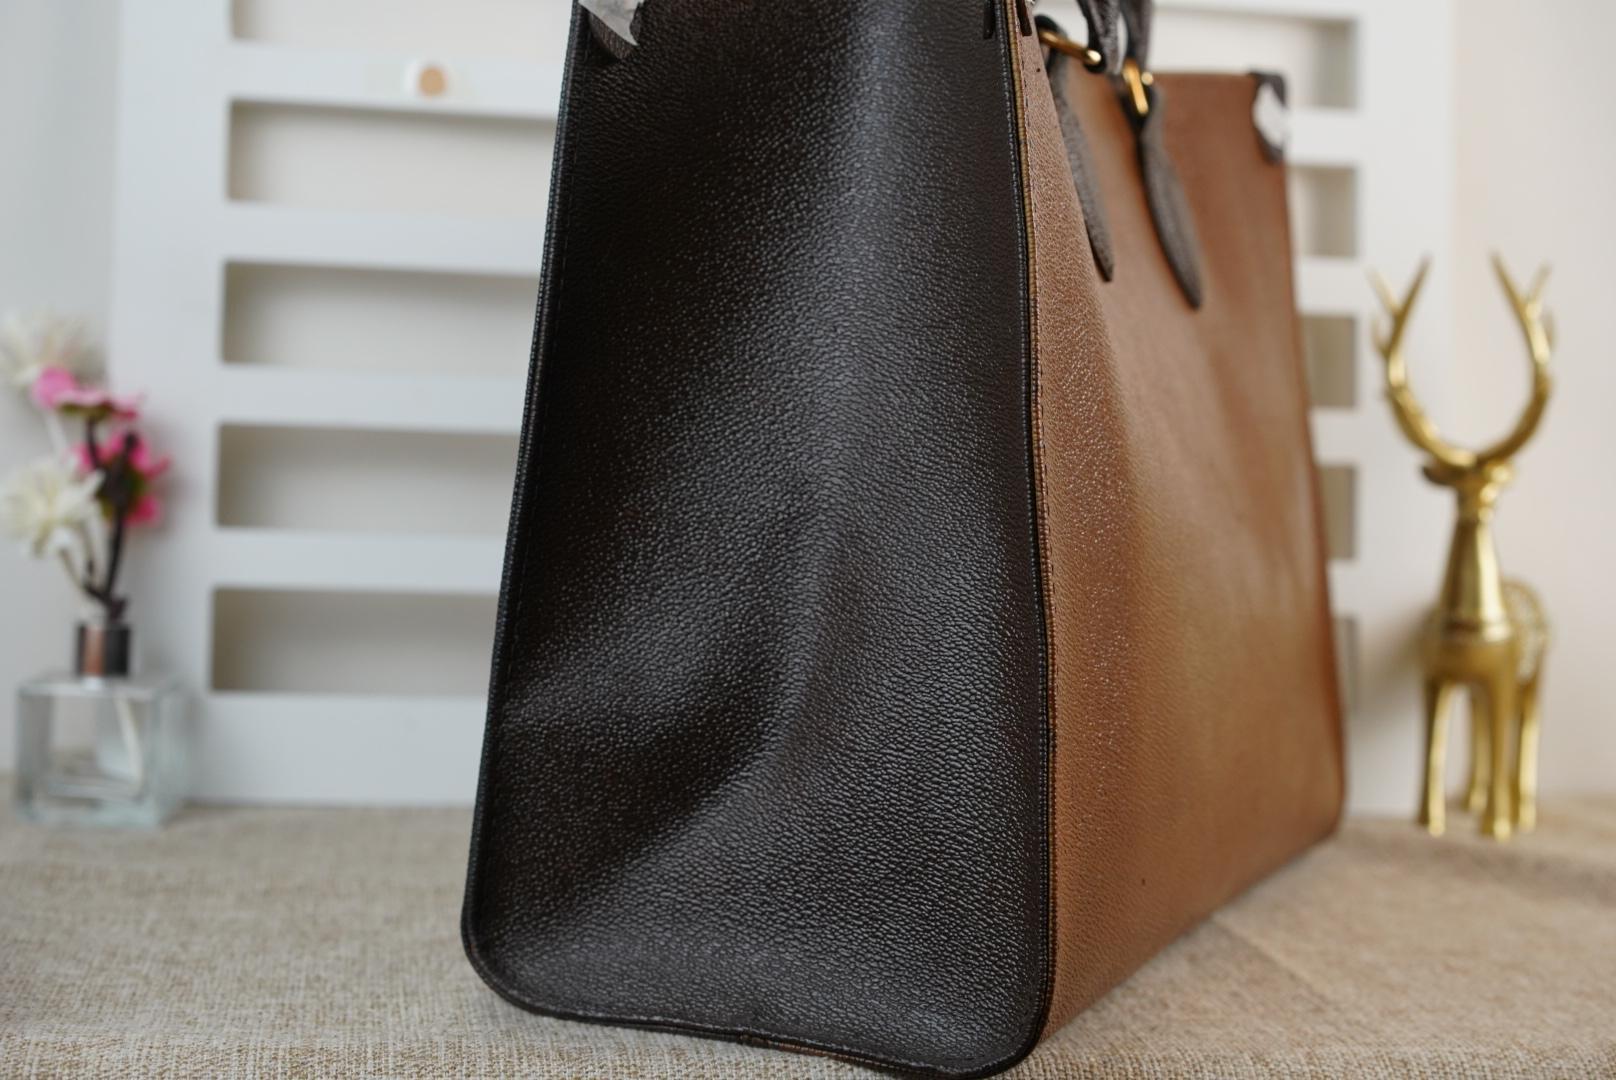 Saco de ombro mulher venda de alta qualidade Metis bolsa de couro genuíno alça 996 designer handbgs bolsa clássico impressão moda em relevo 571 quente